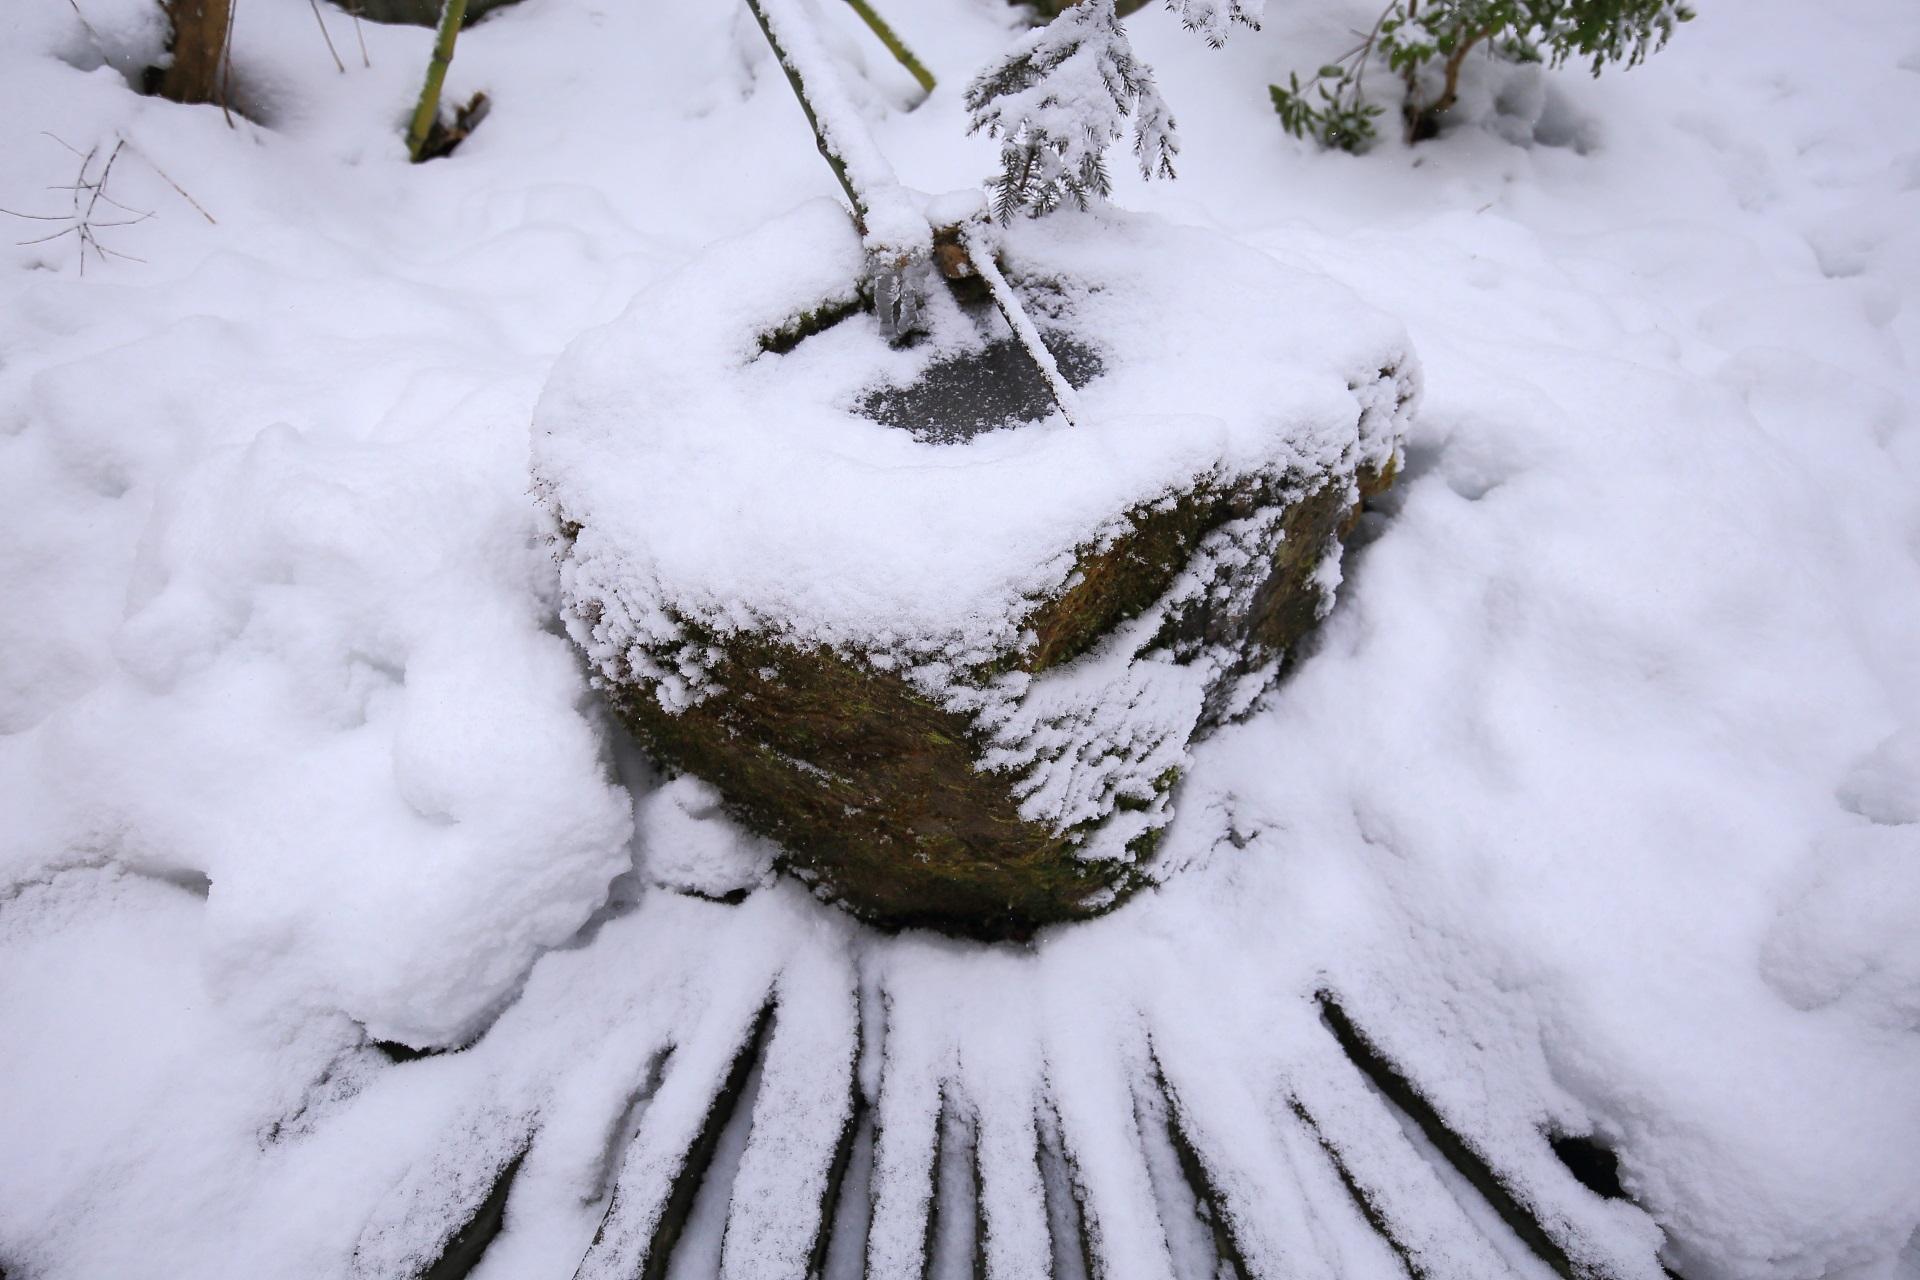 真っ白な雪におおわれた宝泉院の蹲